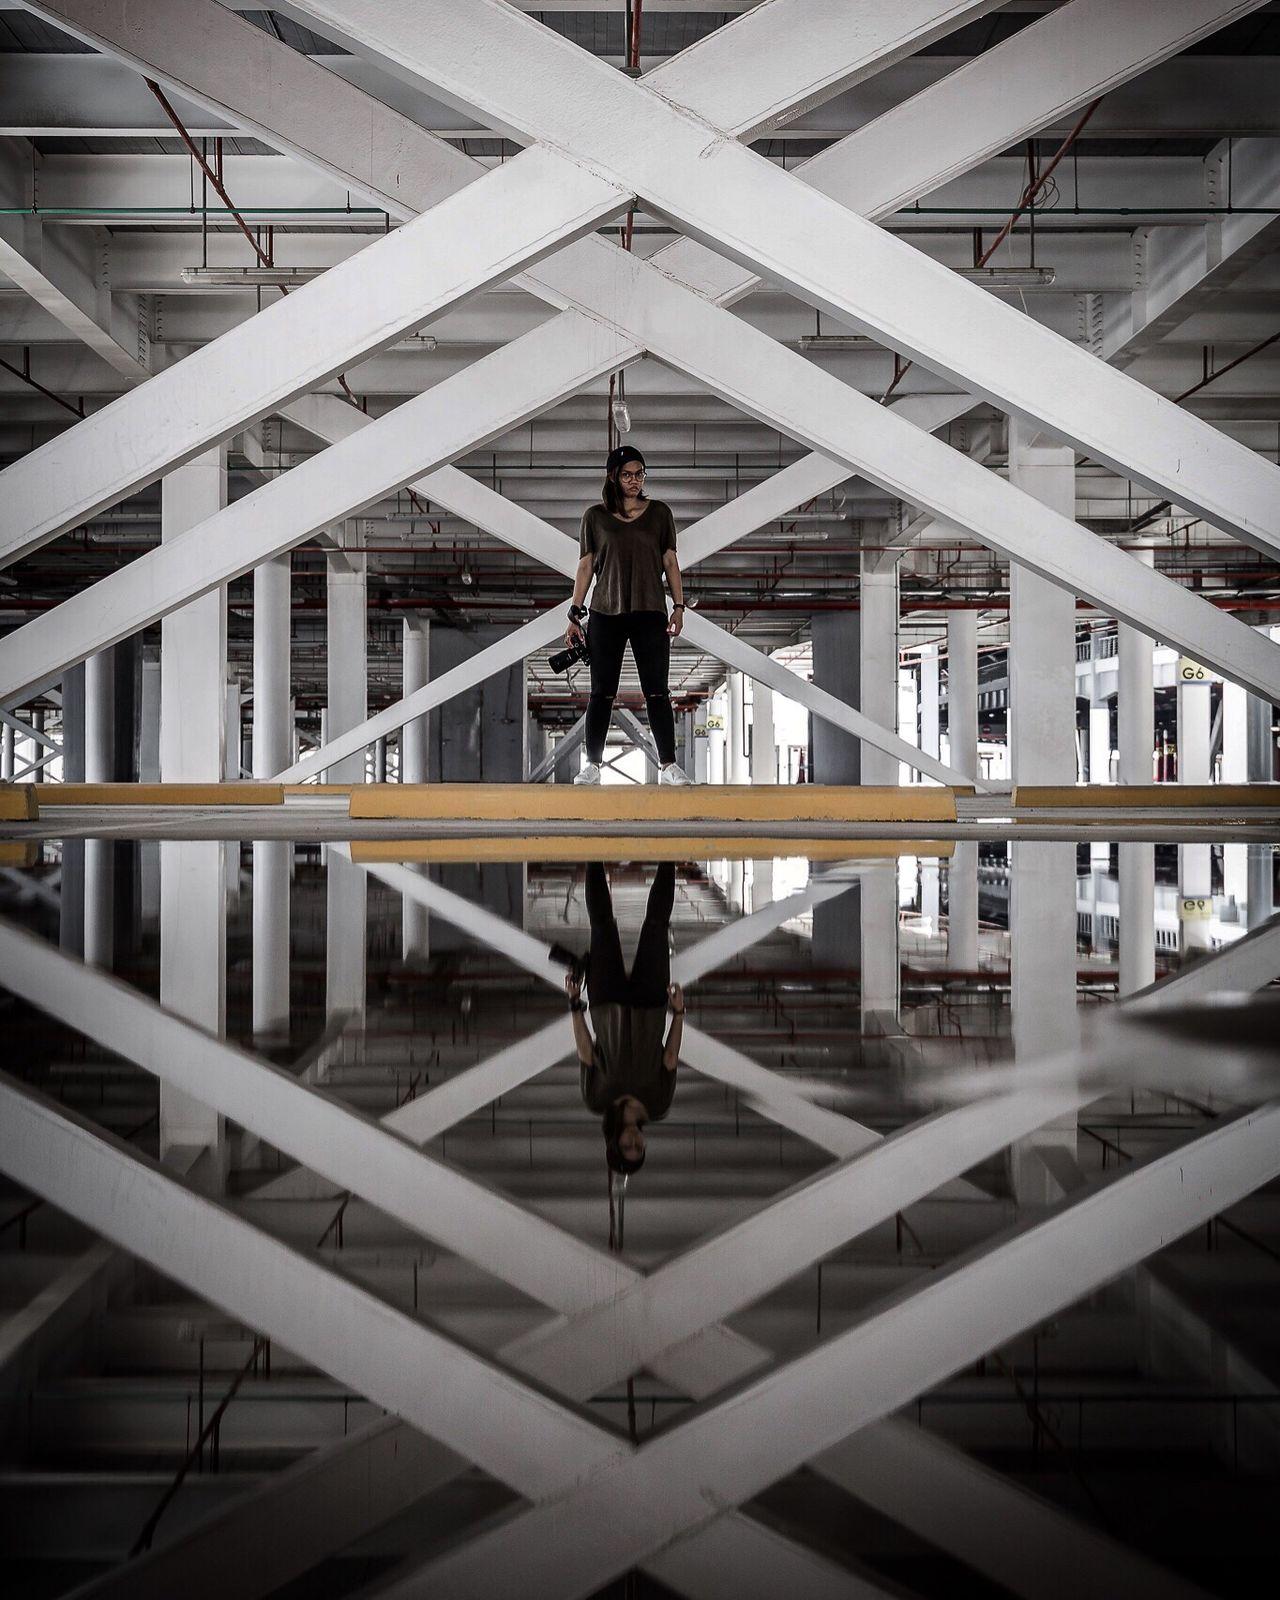 The Secret Spaces Reflection Puddle EyeEm Best Shots Eye4photography  EyeEm Gallery Urbanphotography Exploring Dubai UAE Weekend EyeEm One Person Bestoftheday The Architect - 2017 EyeEm Awards The Great Outdoors - 2017 EyeEm Awards